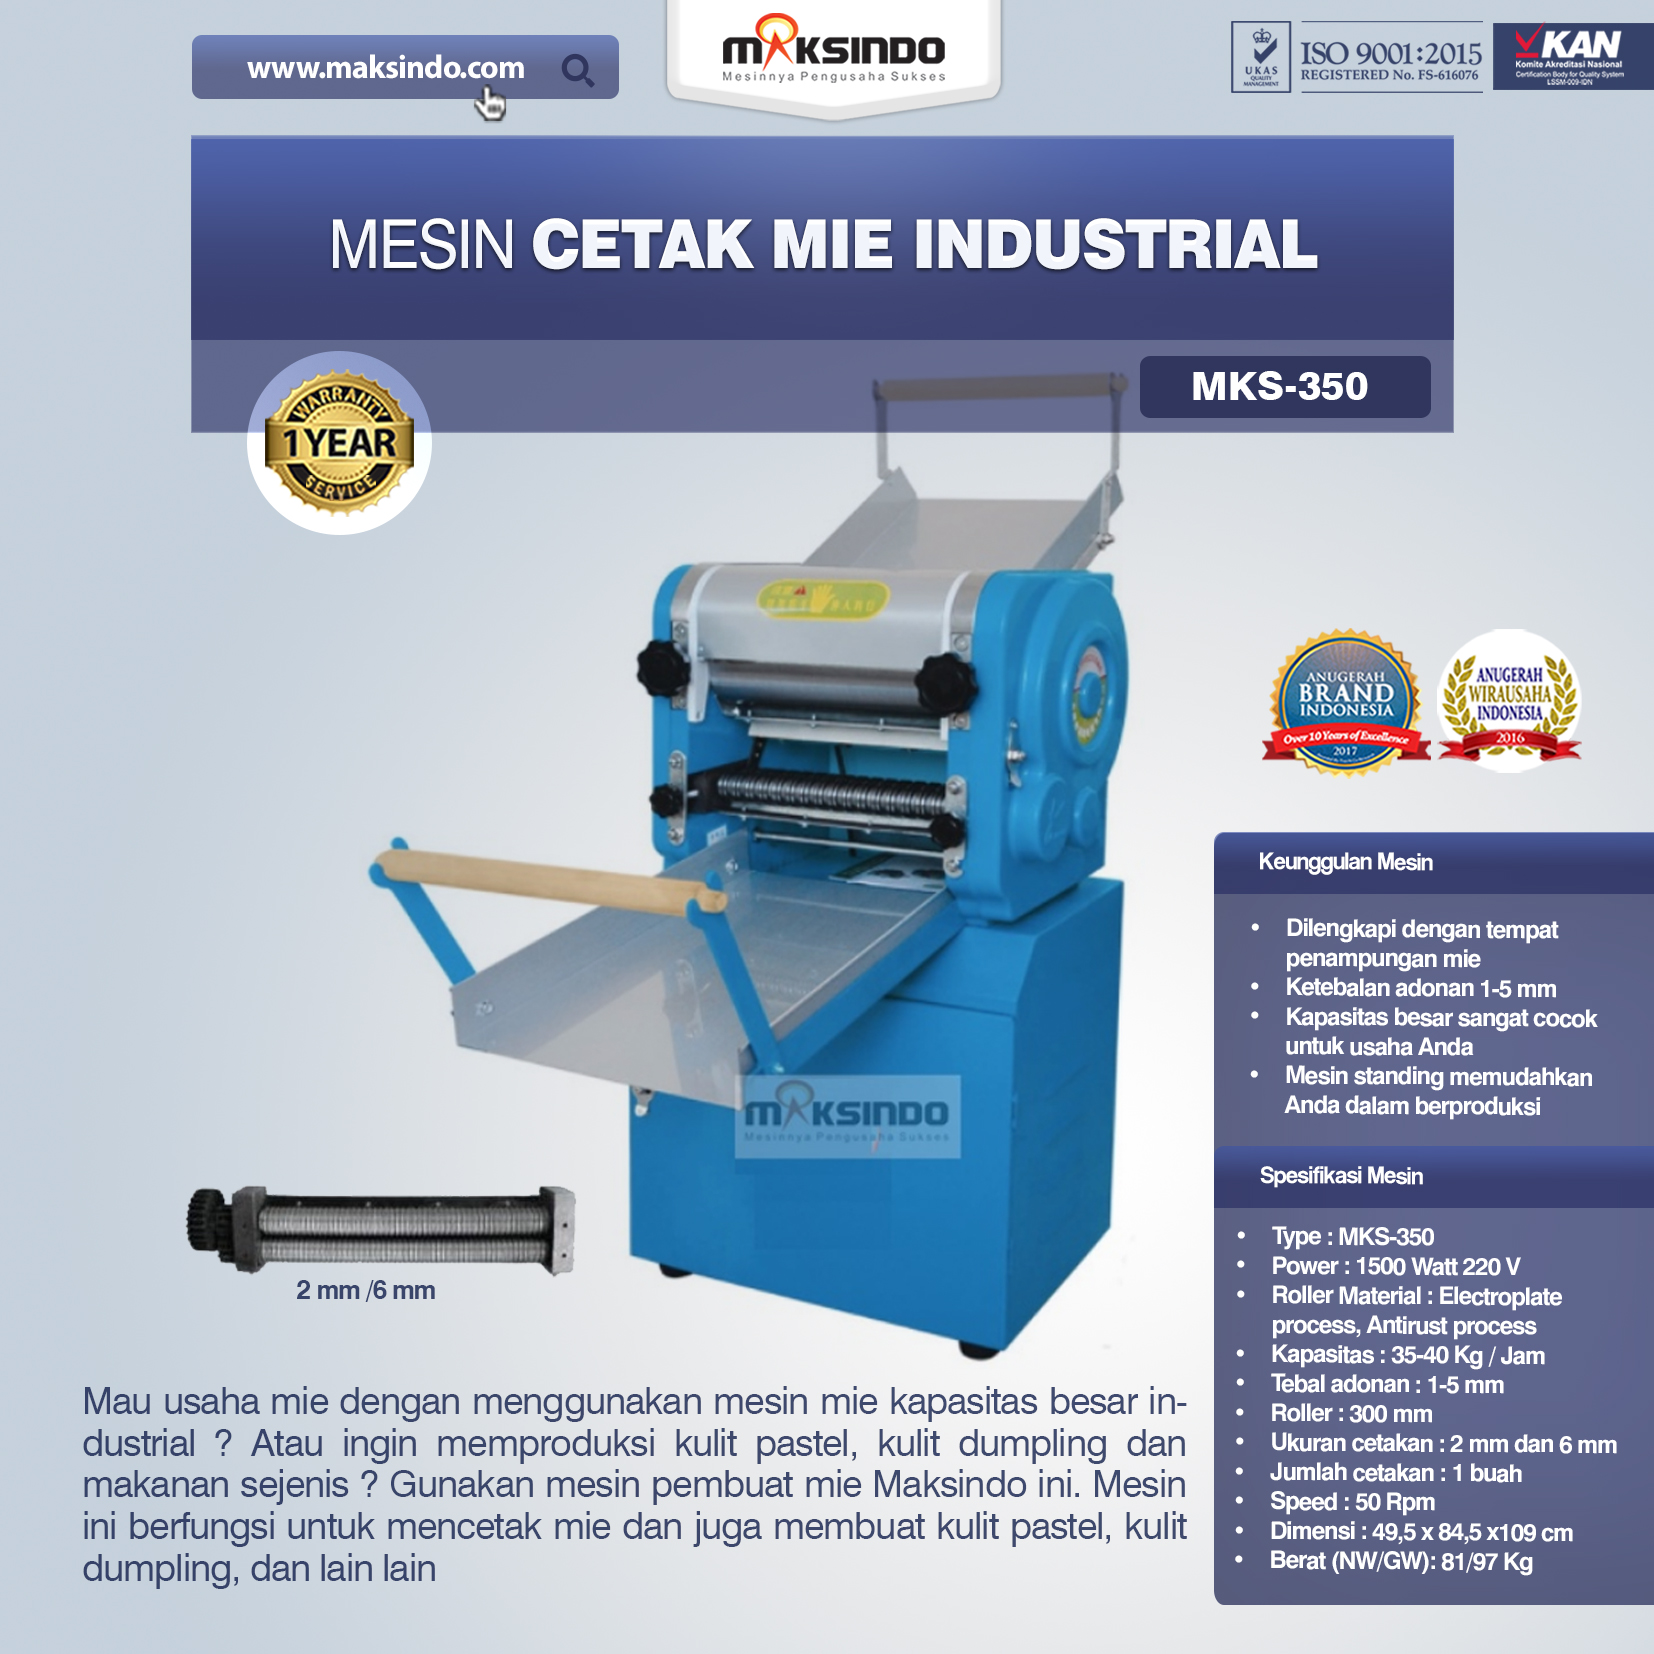 Jual Mesin Cetak Mie Industrial (MKS-350) di Malang